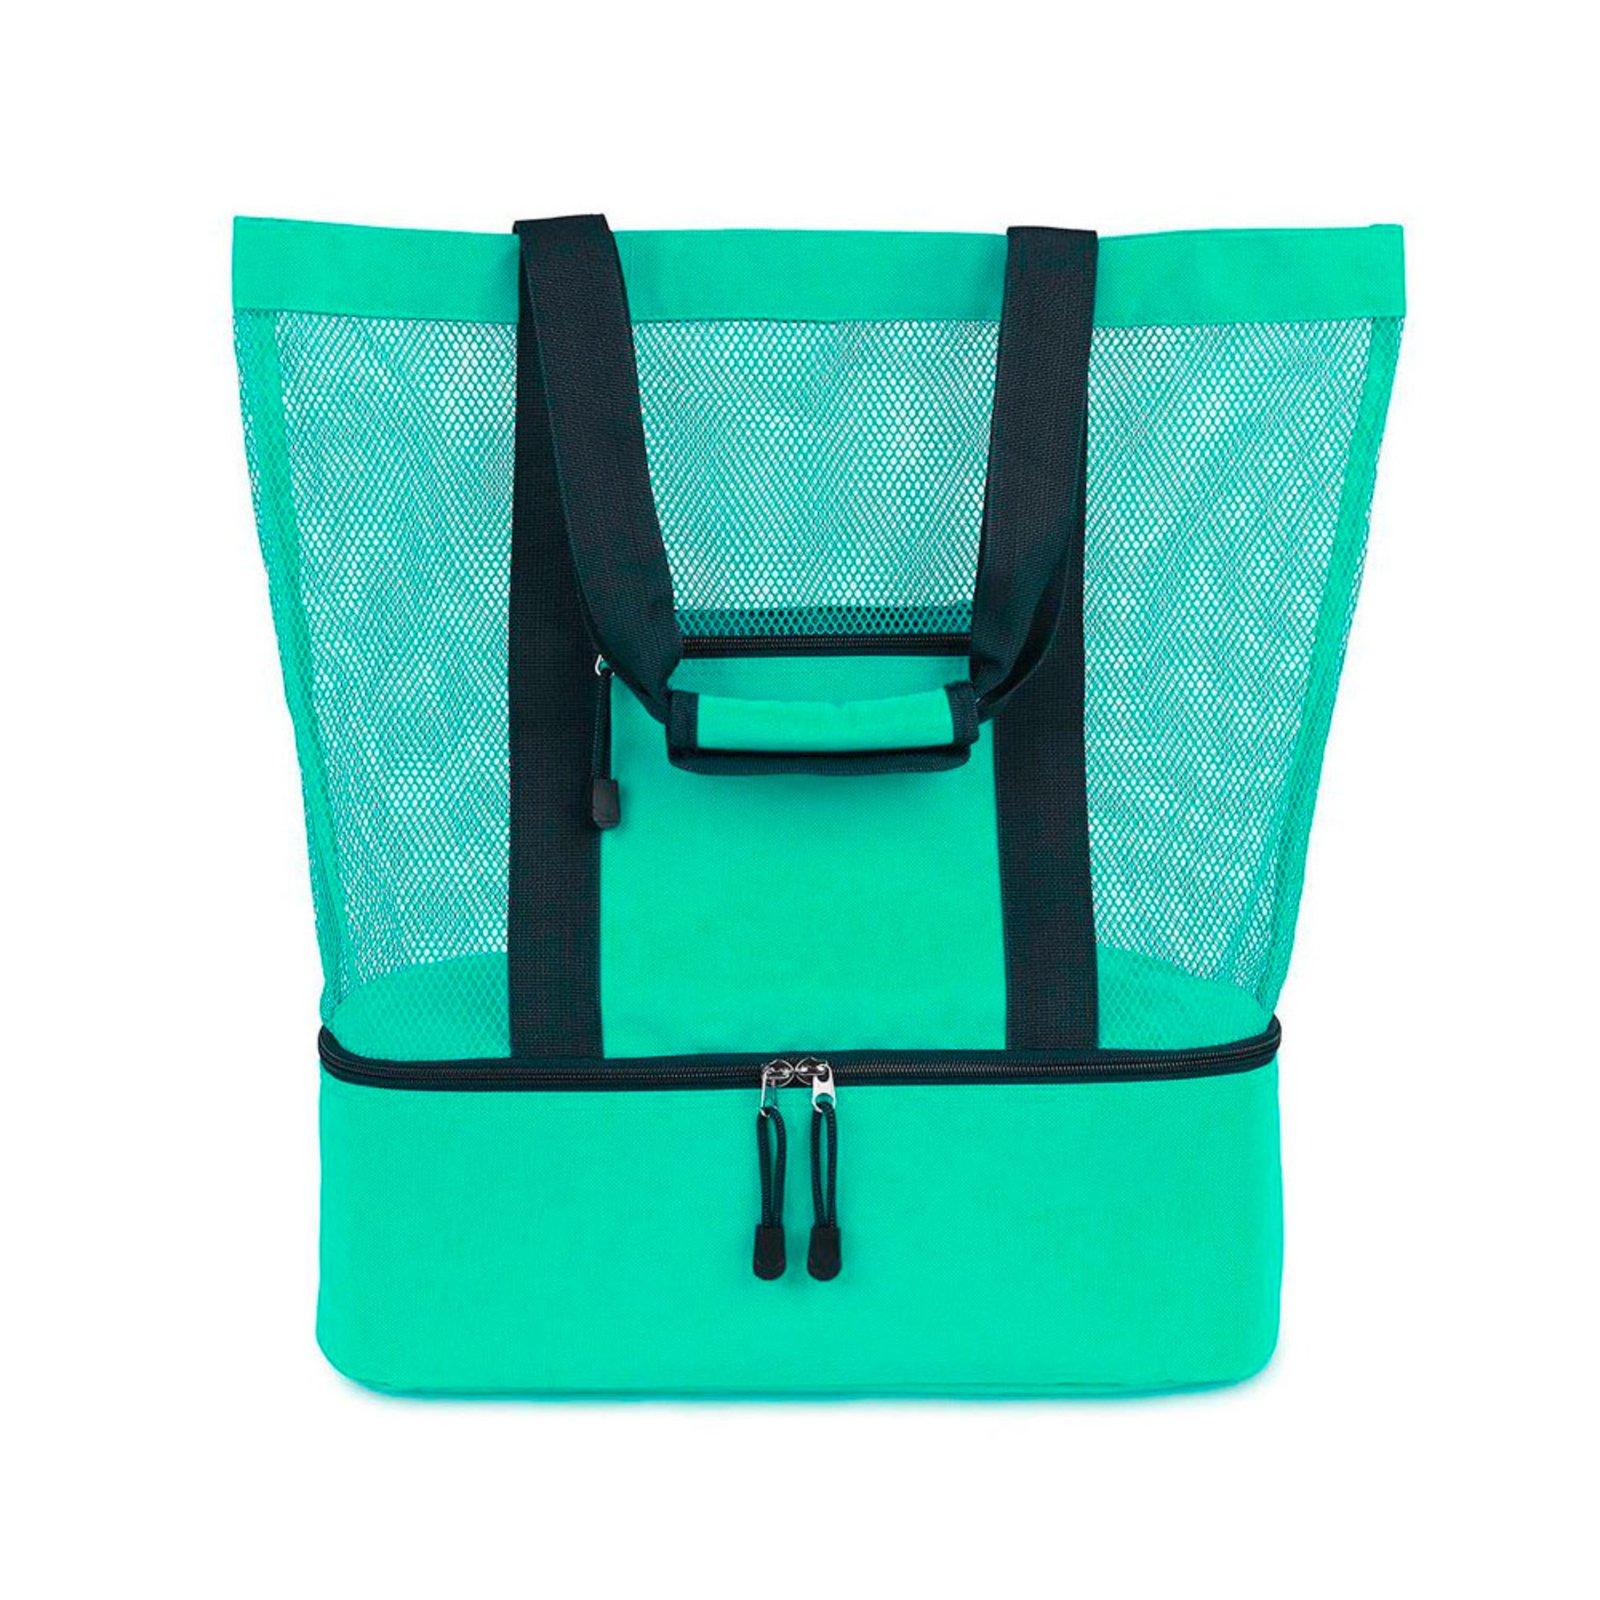 Bolsa Thata Esportes Mesh Compartimento Térmico para Praia Piscina Campo Piquenique Verde - Compre Agora